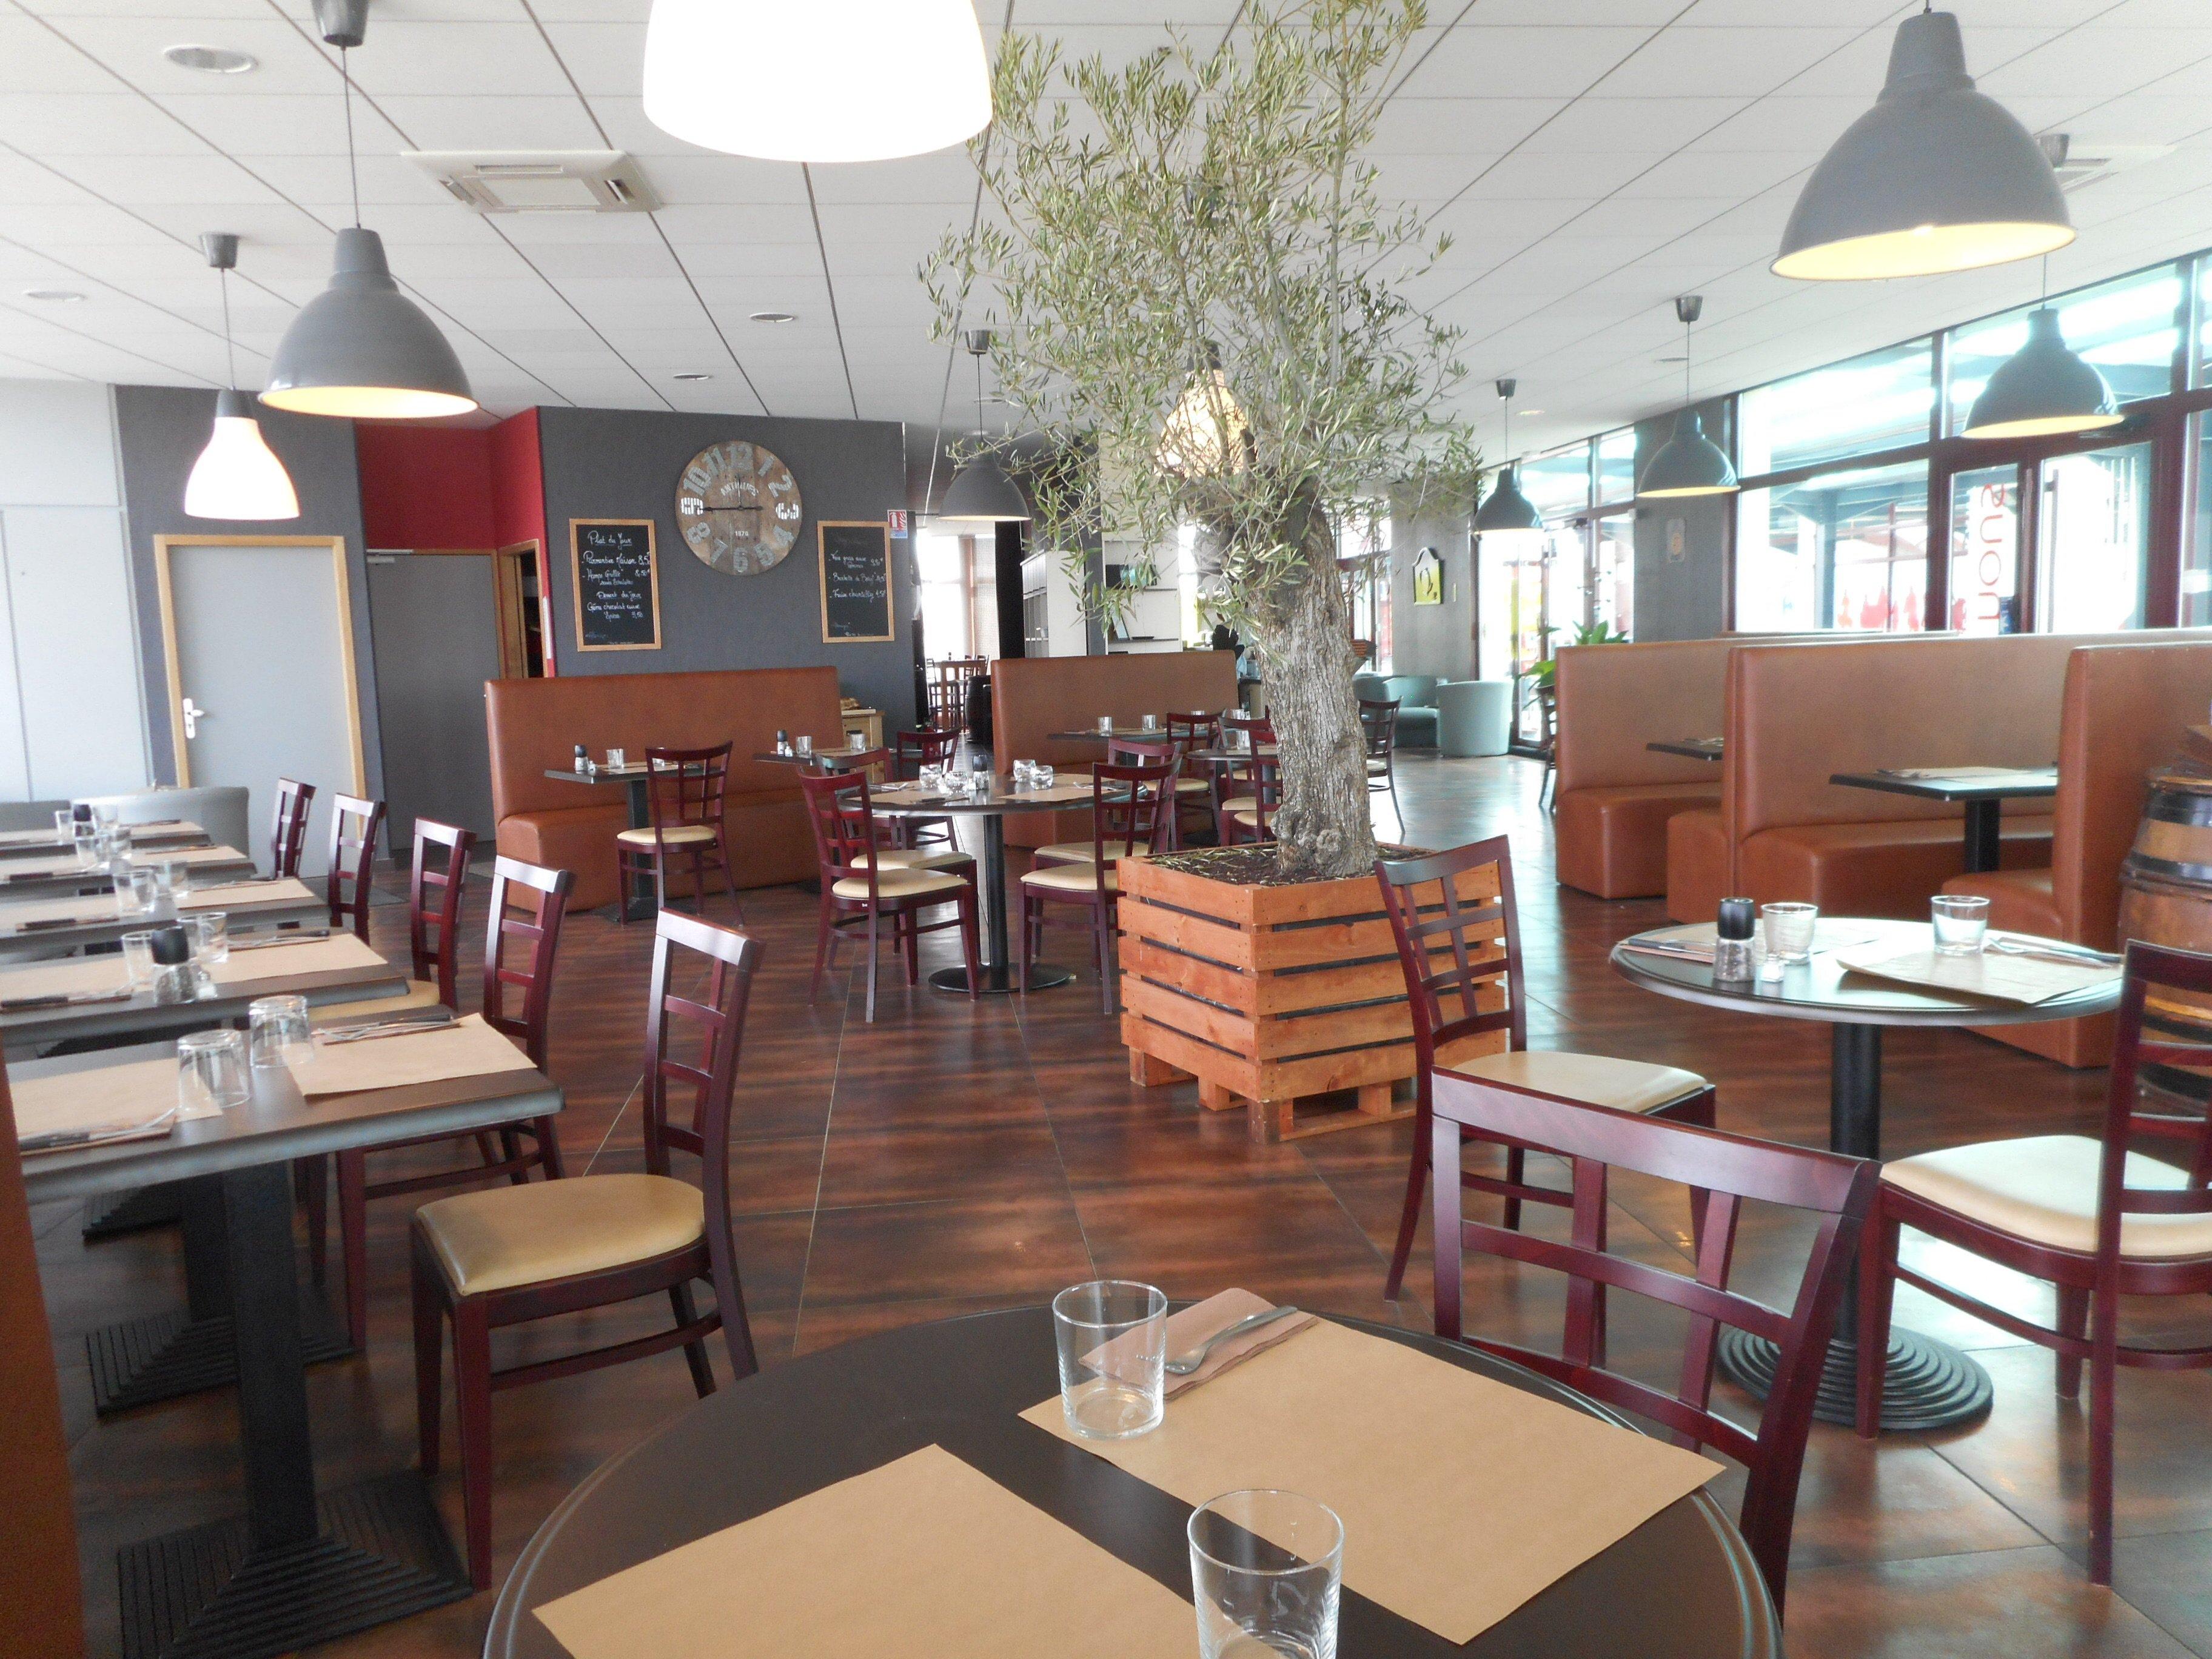 Carte l 39 antre nous menu cuisine bistronomique - Cuisine bistronomique ...